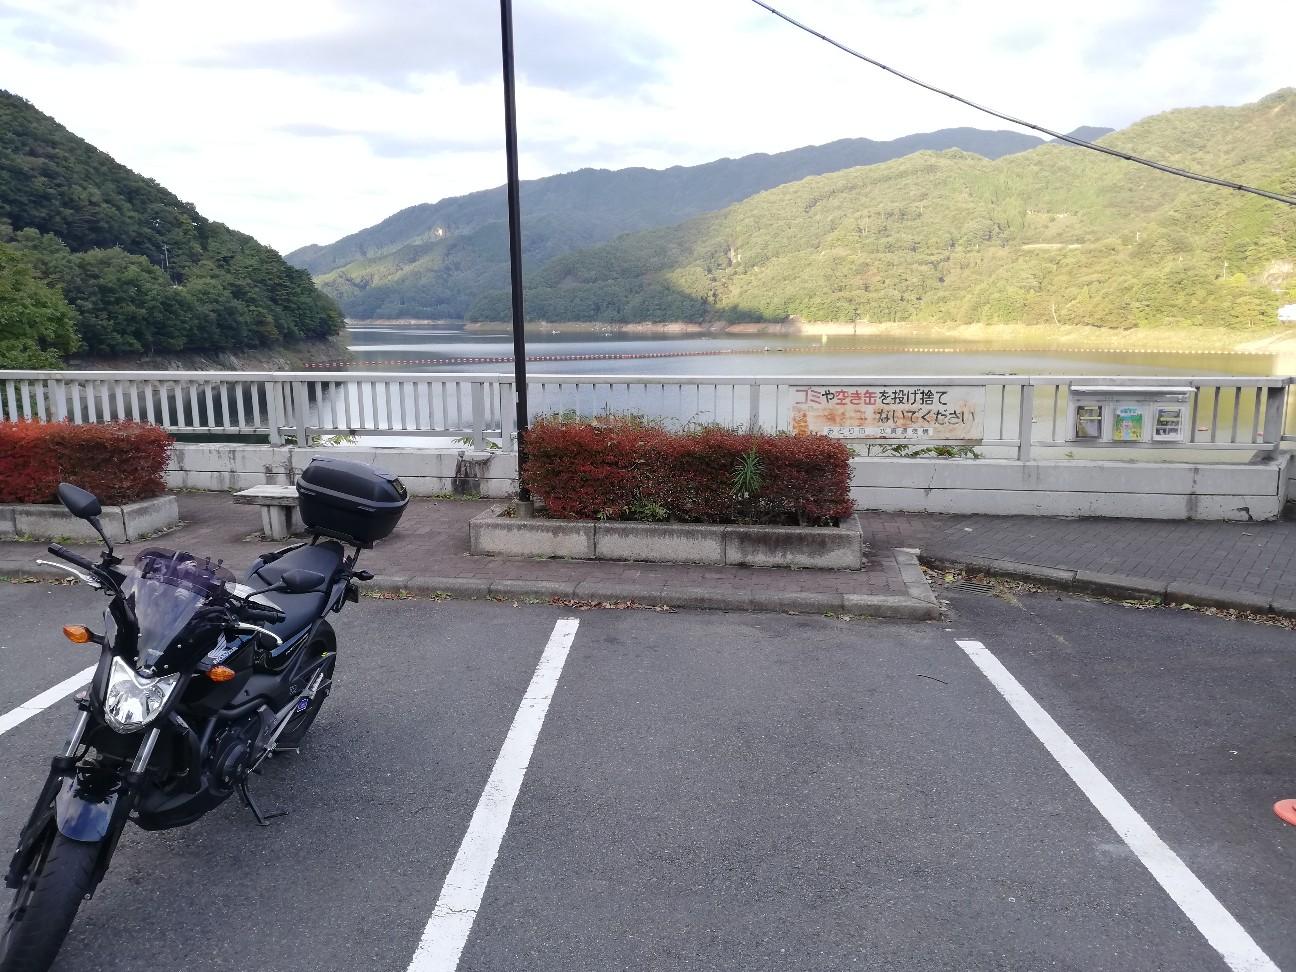 f:id:bikedane:20191011093042j:image